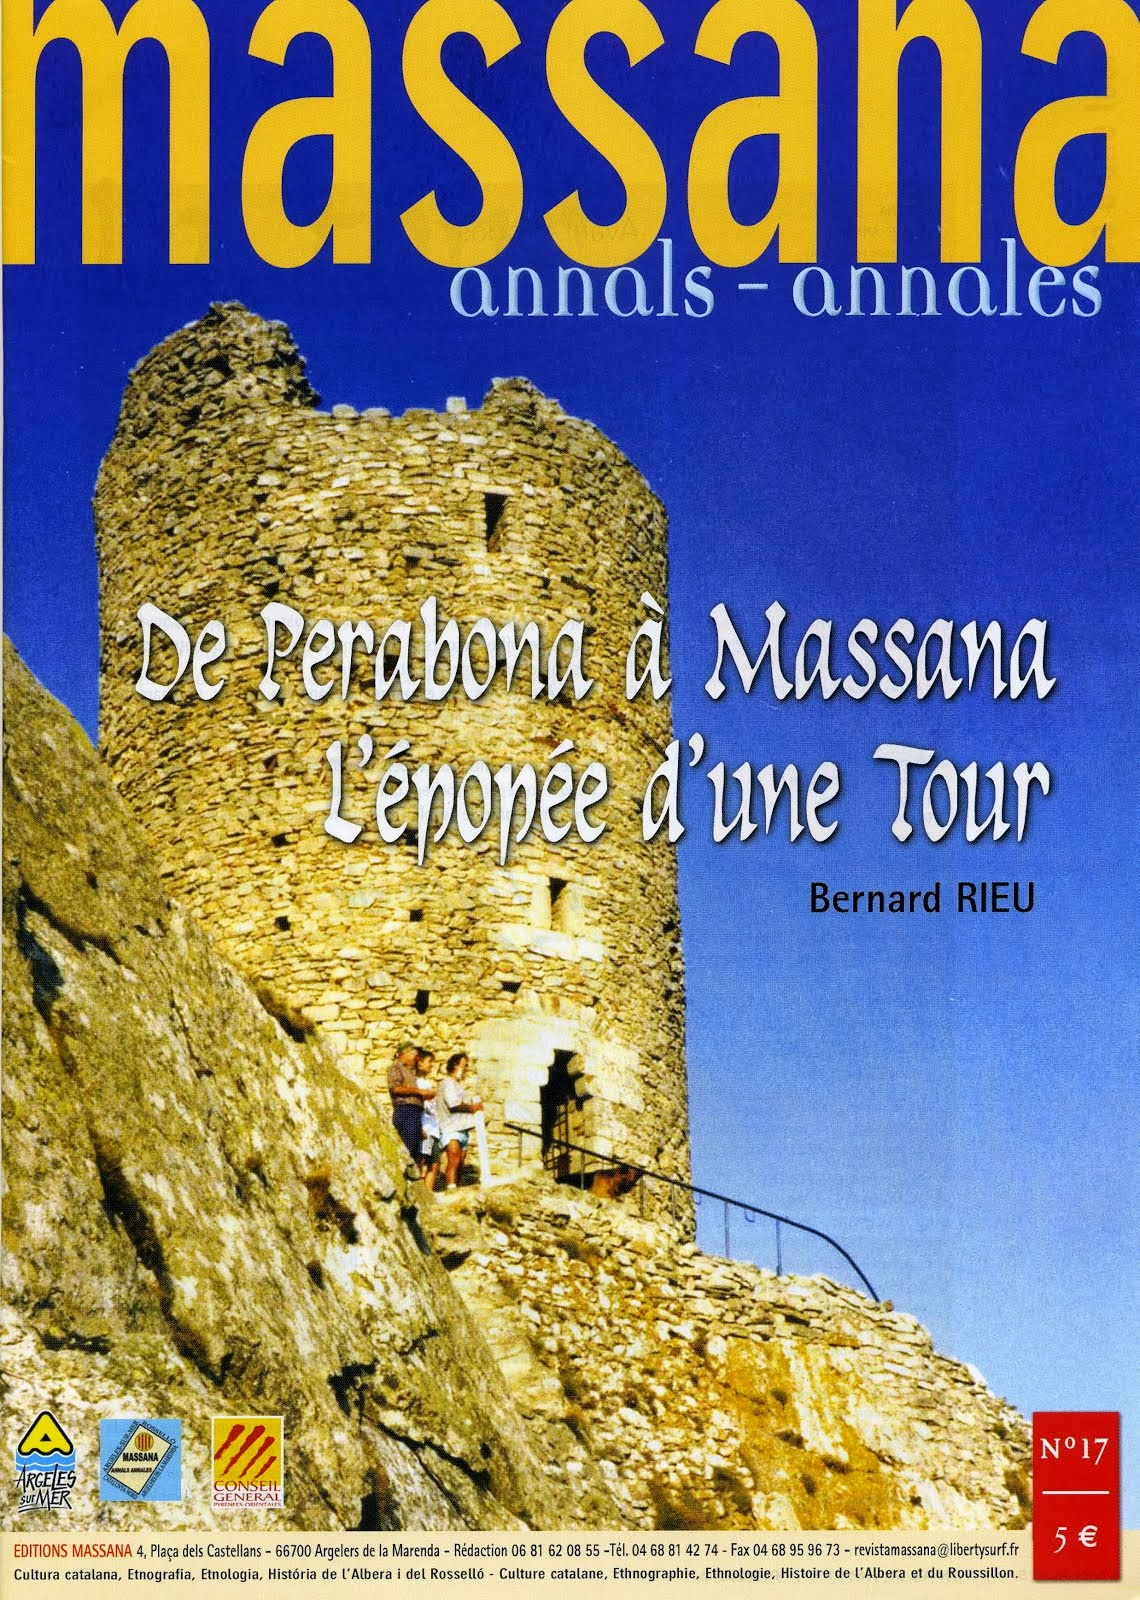 Histoire de la tour Massana